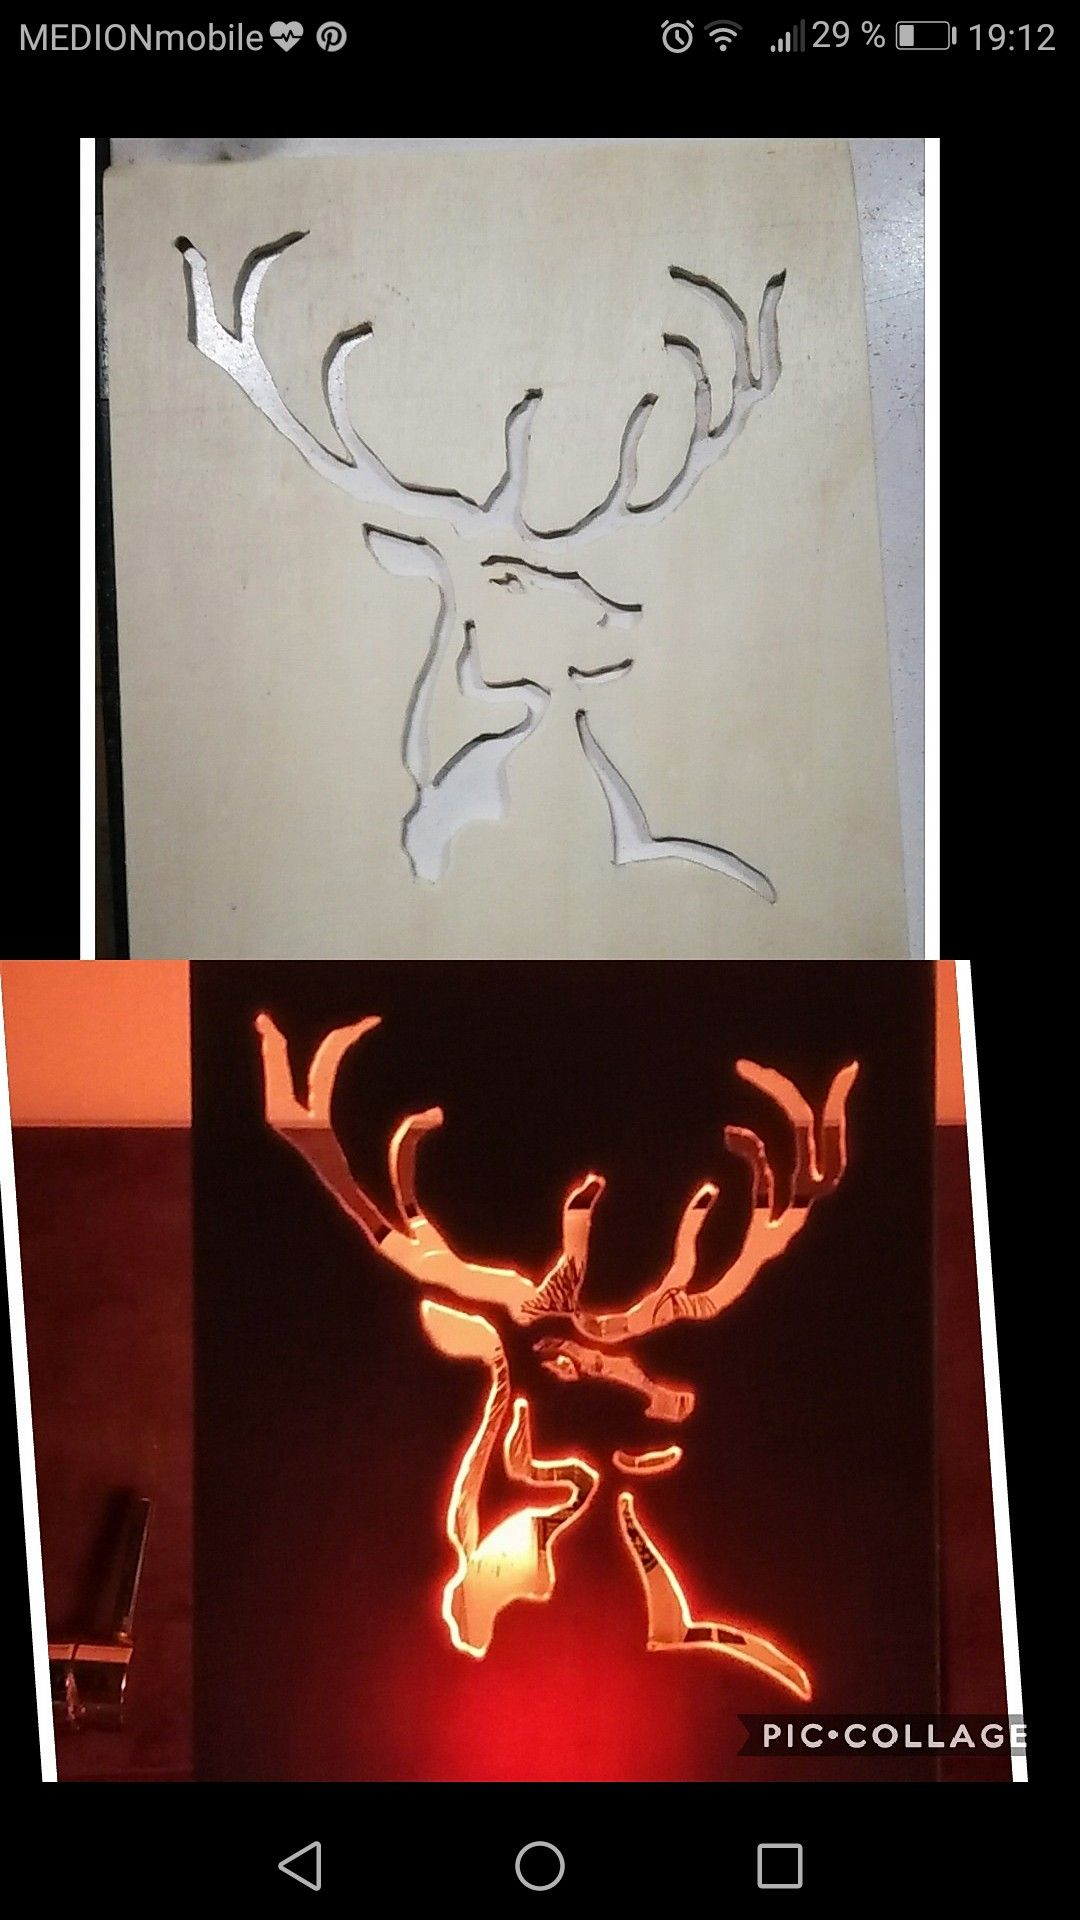 Geschenk Jager Hirschkopf Mit Led Lampe Hinterleuchtet Licht Kann Farbe Wechseln Schablonen Geschenke Basteln